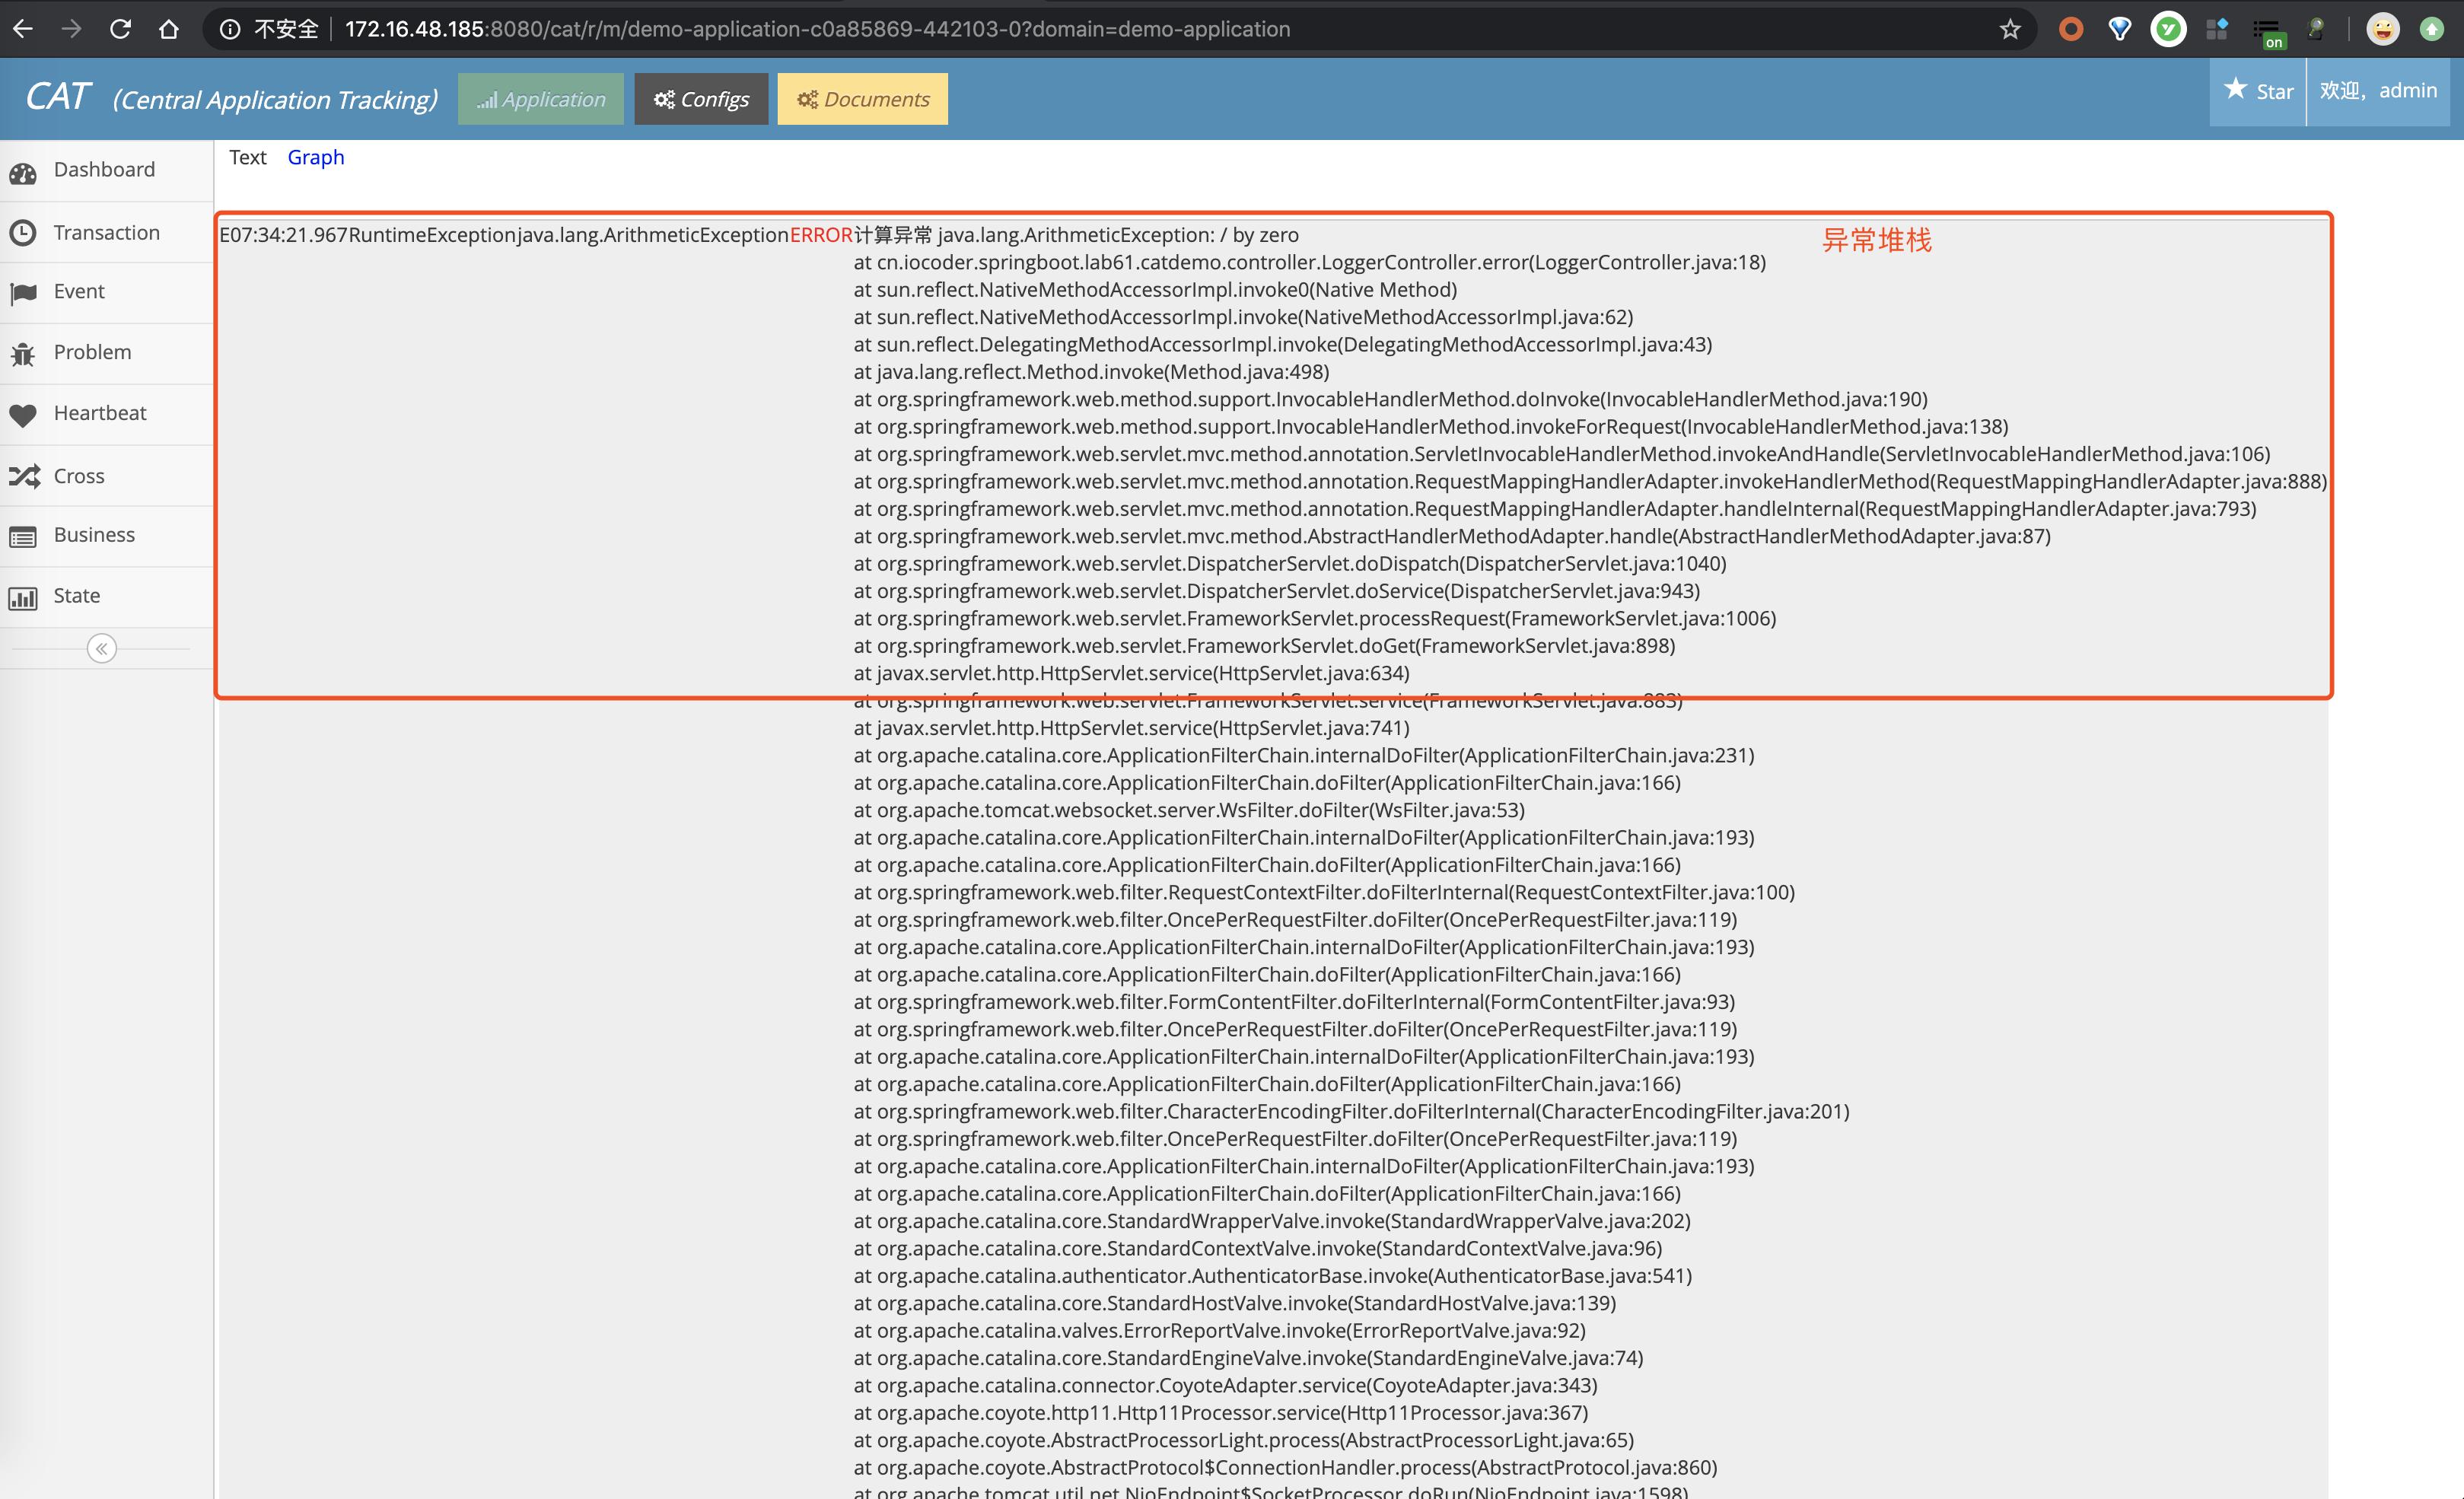 CAT 监控数据 - Event - 分类名字 - 异常对堆栈